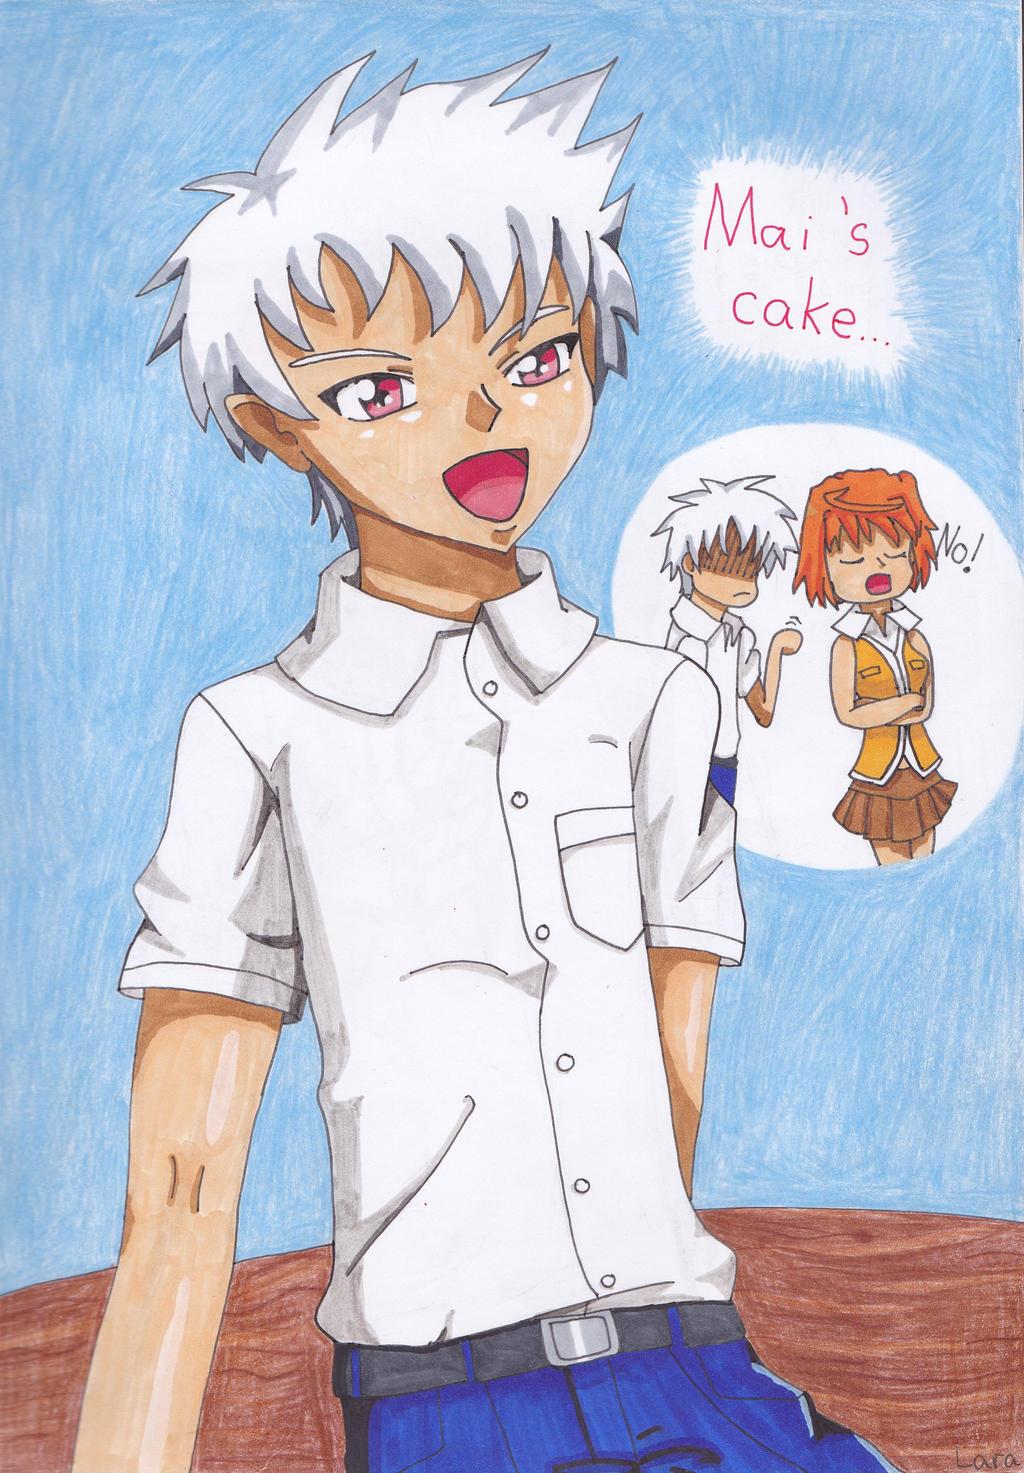 Nagi Homura - Mai's cake by Taikutsu910